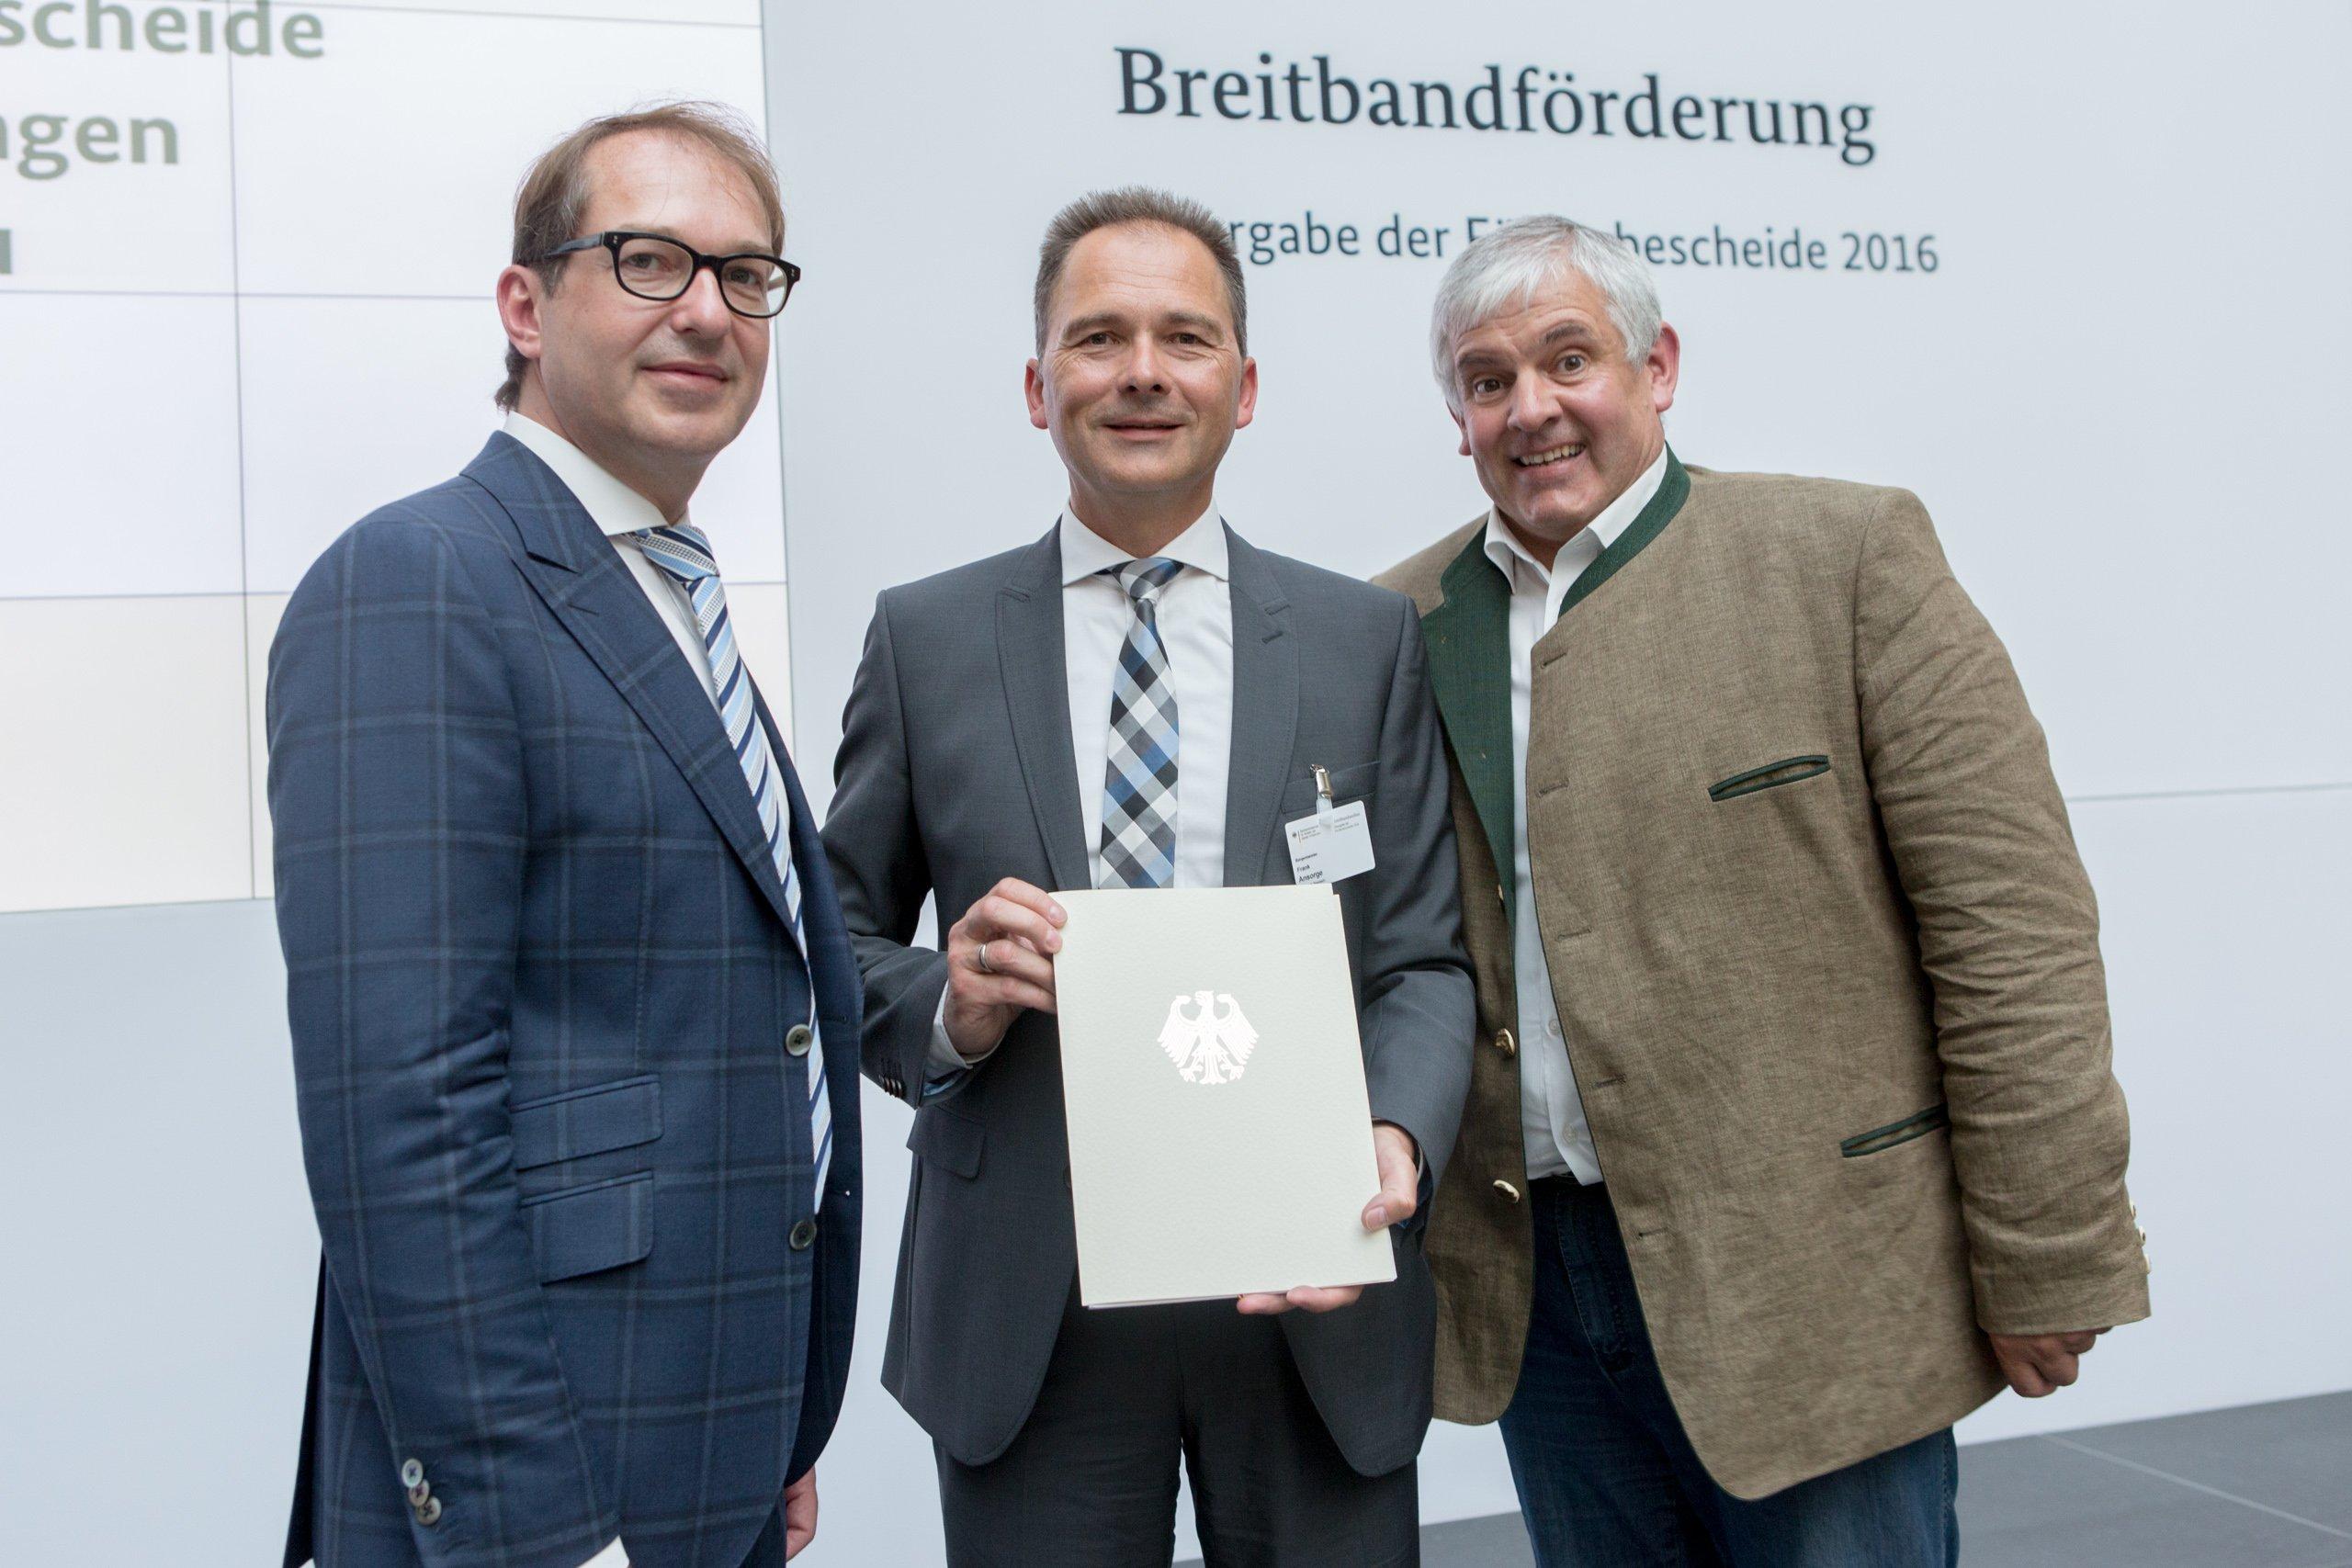 BM Dobrindt Förderbescheide Breitbandausbau